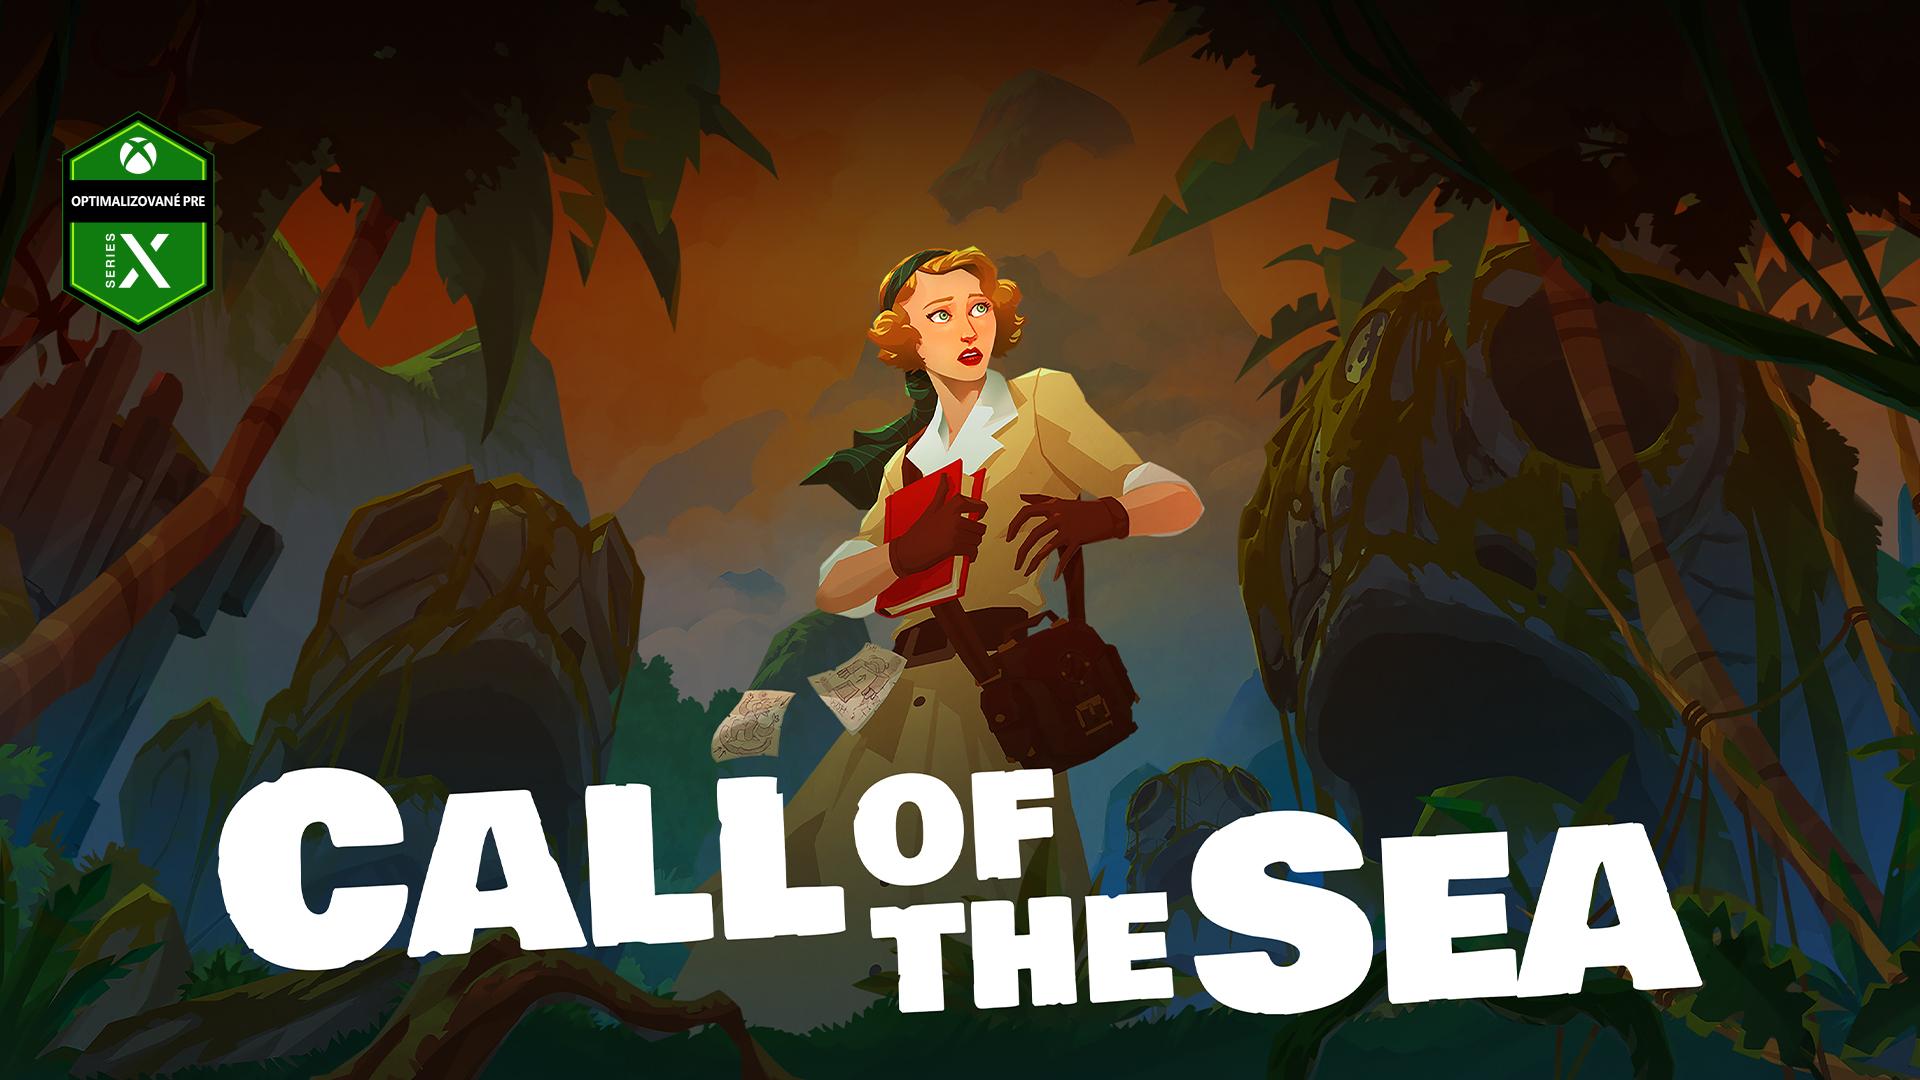 Logo Optimalizované pre series X, Call of the Sea, Norah v džungli